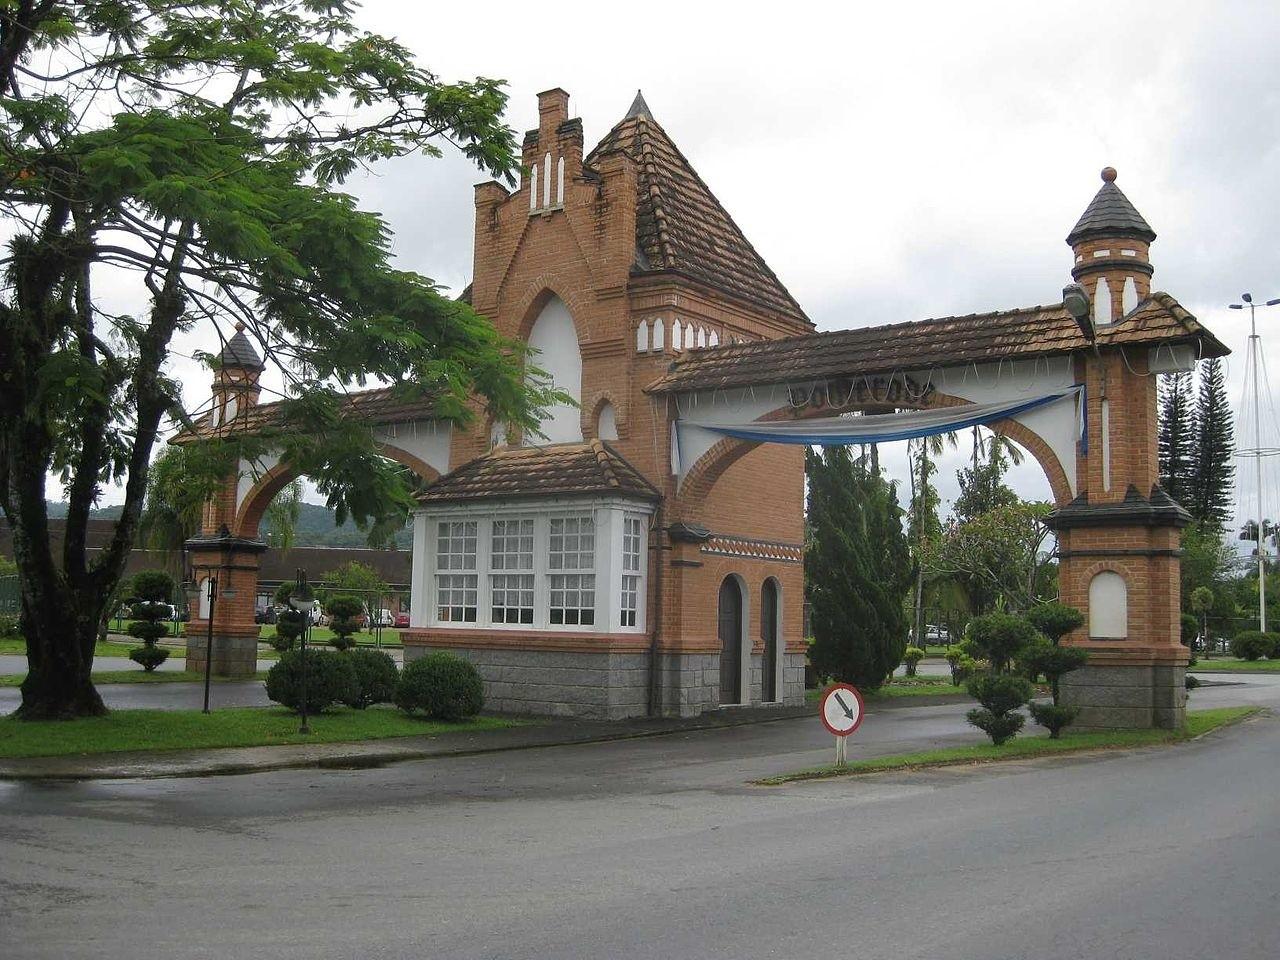 Ozdobny portal został nazwany Portico do Imigrante (Brama Imigrantów), a powstał w północnych rejonach miasta na drodze prowadzącej do miasta